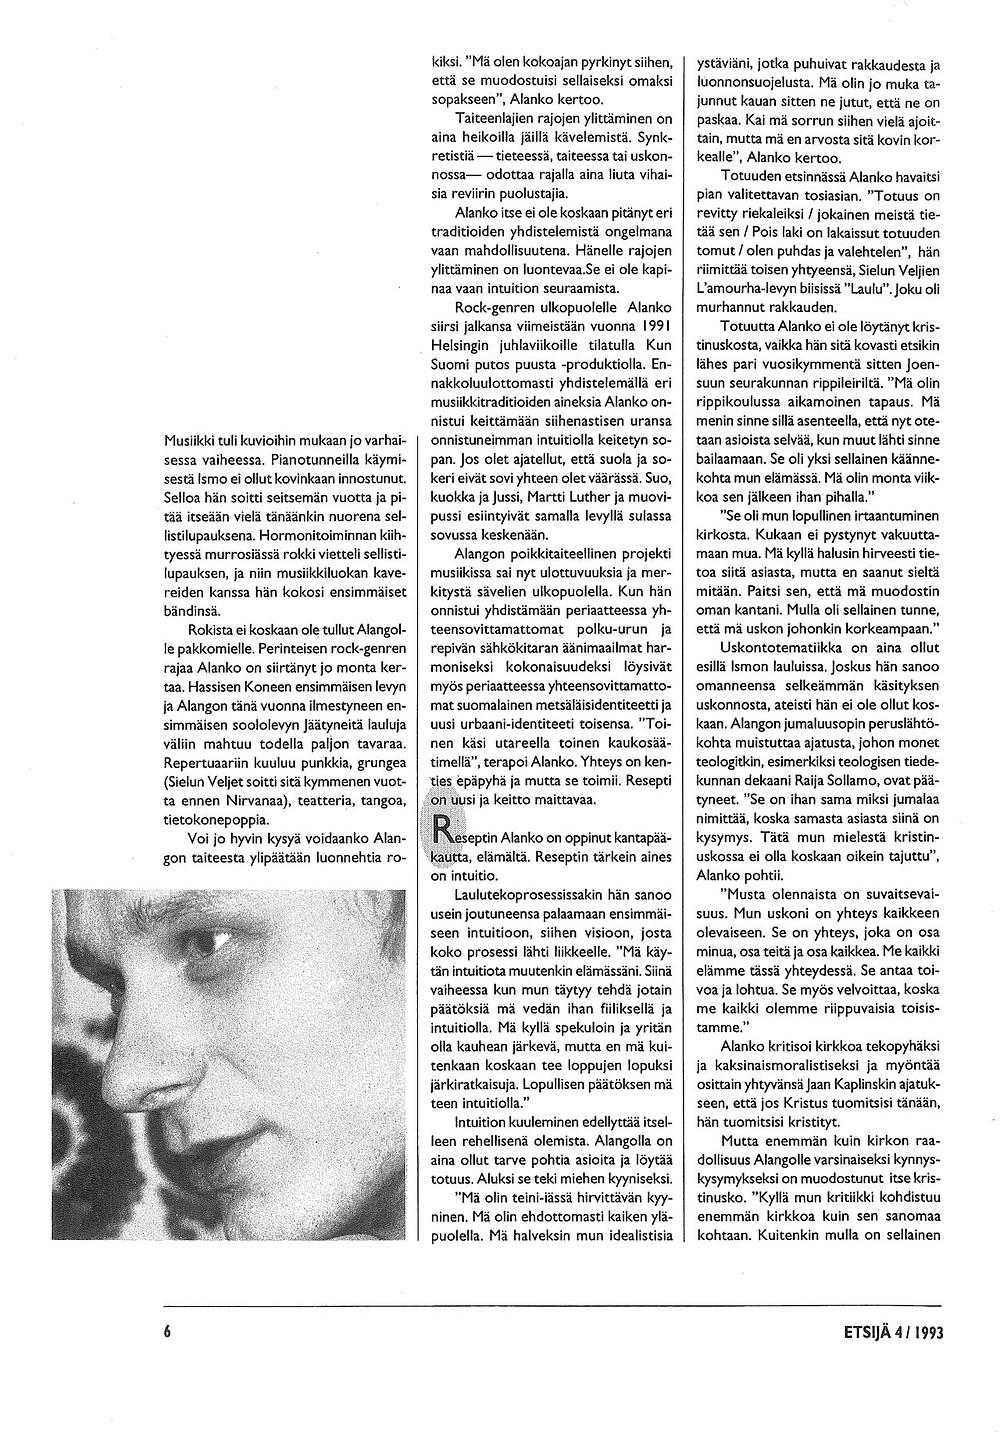 Kuvituskuva. Ismo Alangon Haastattelu Etsijä-lehdessä vuonna 1993. Sivu 4.